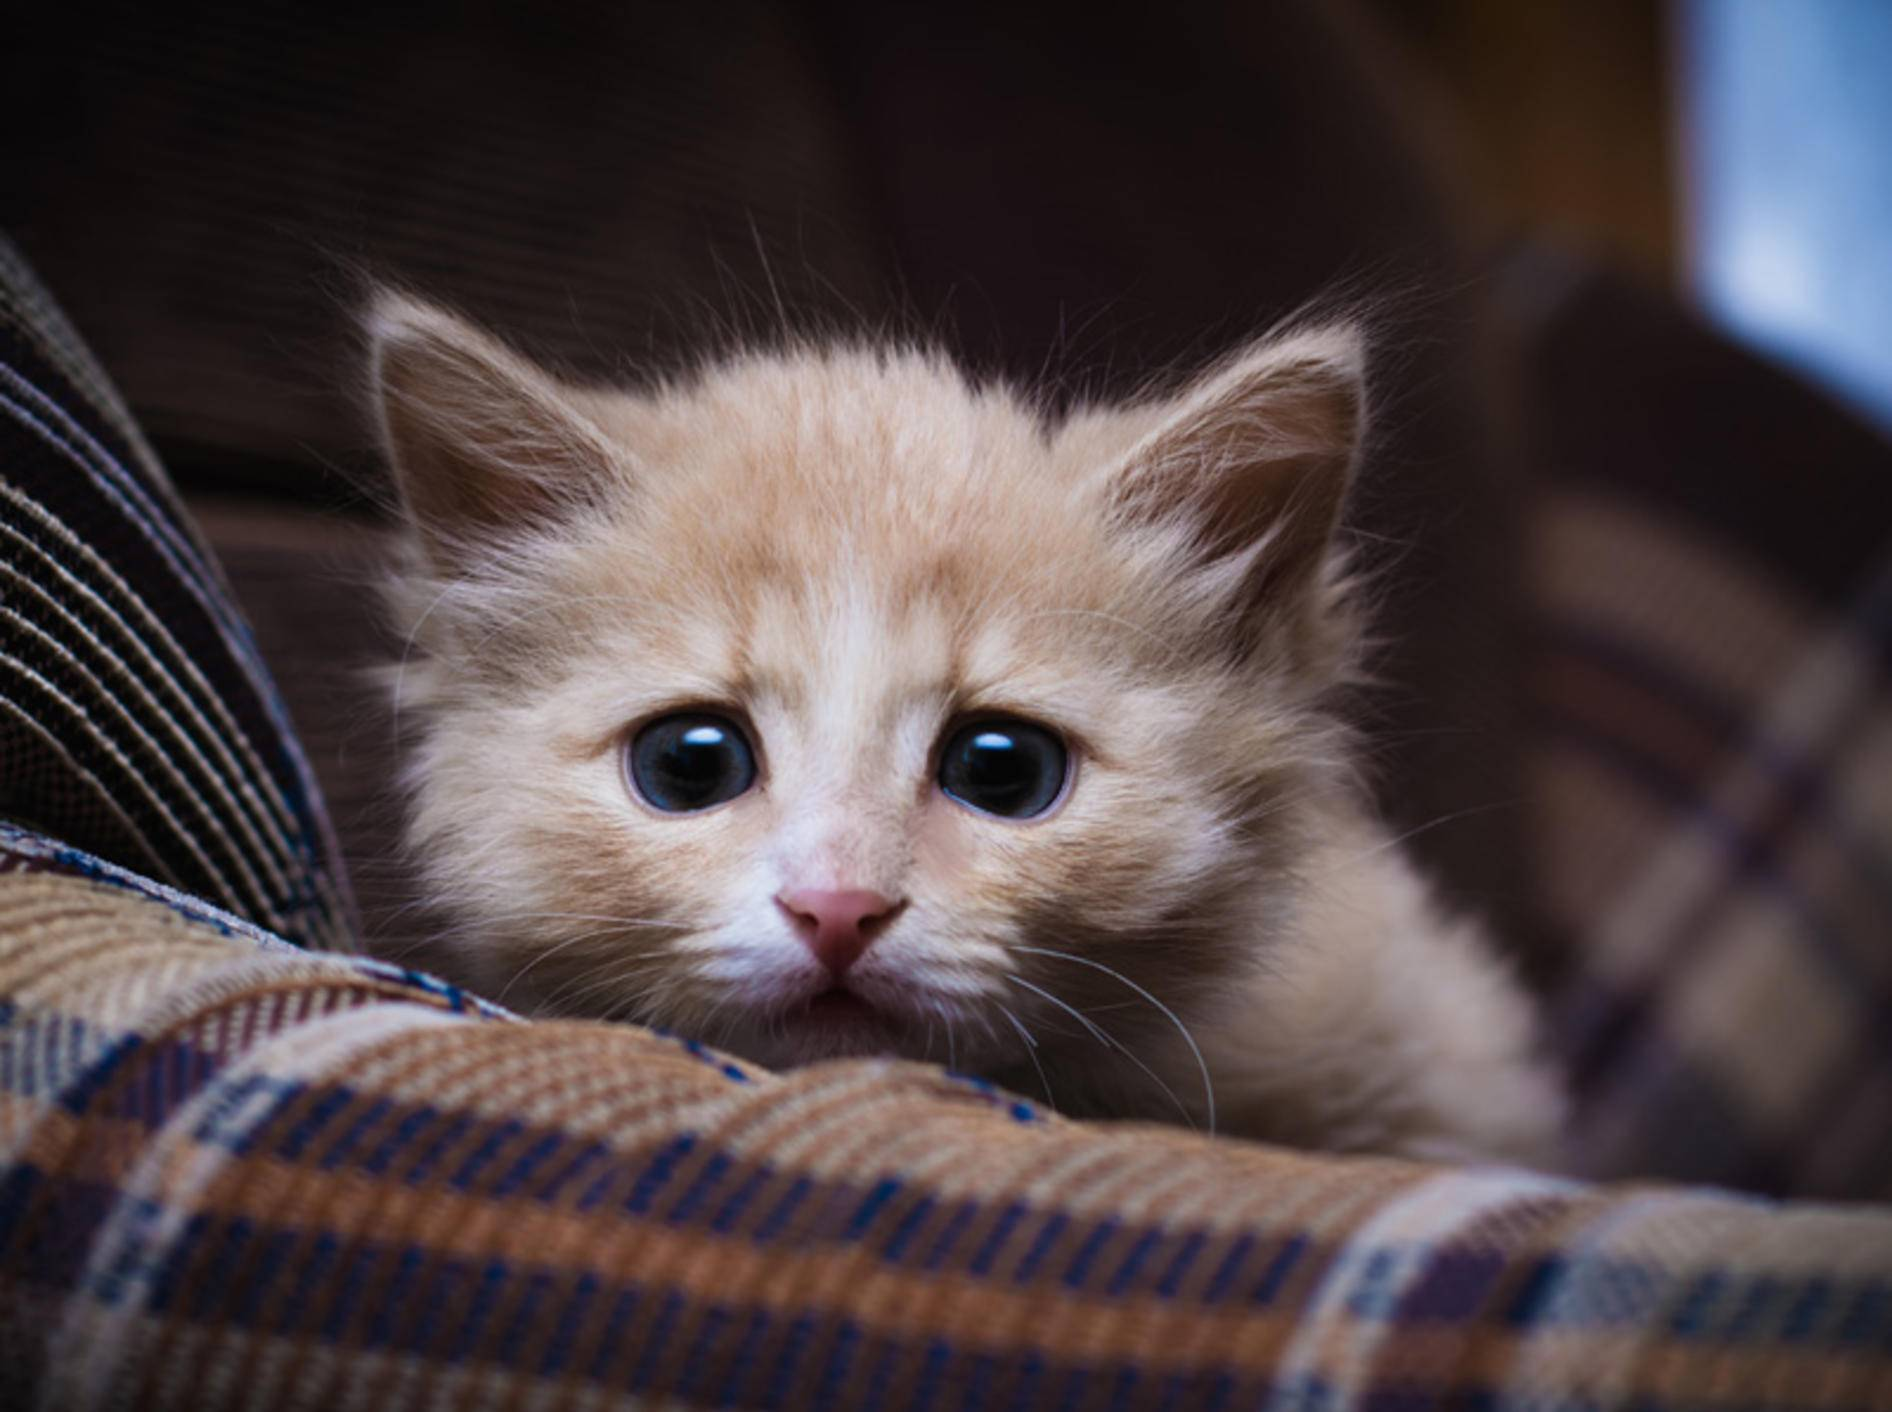 Ein Katzenpsychologe kann beispielsweise bei Angststörungen helfen – Shutterstock: Khamidulin Sergey